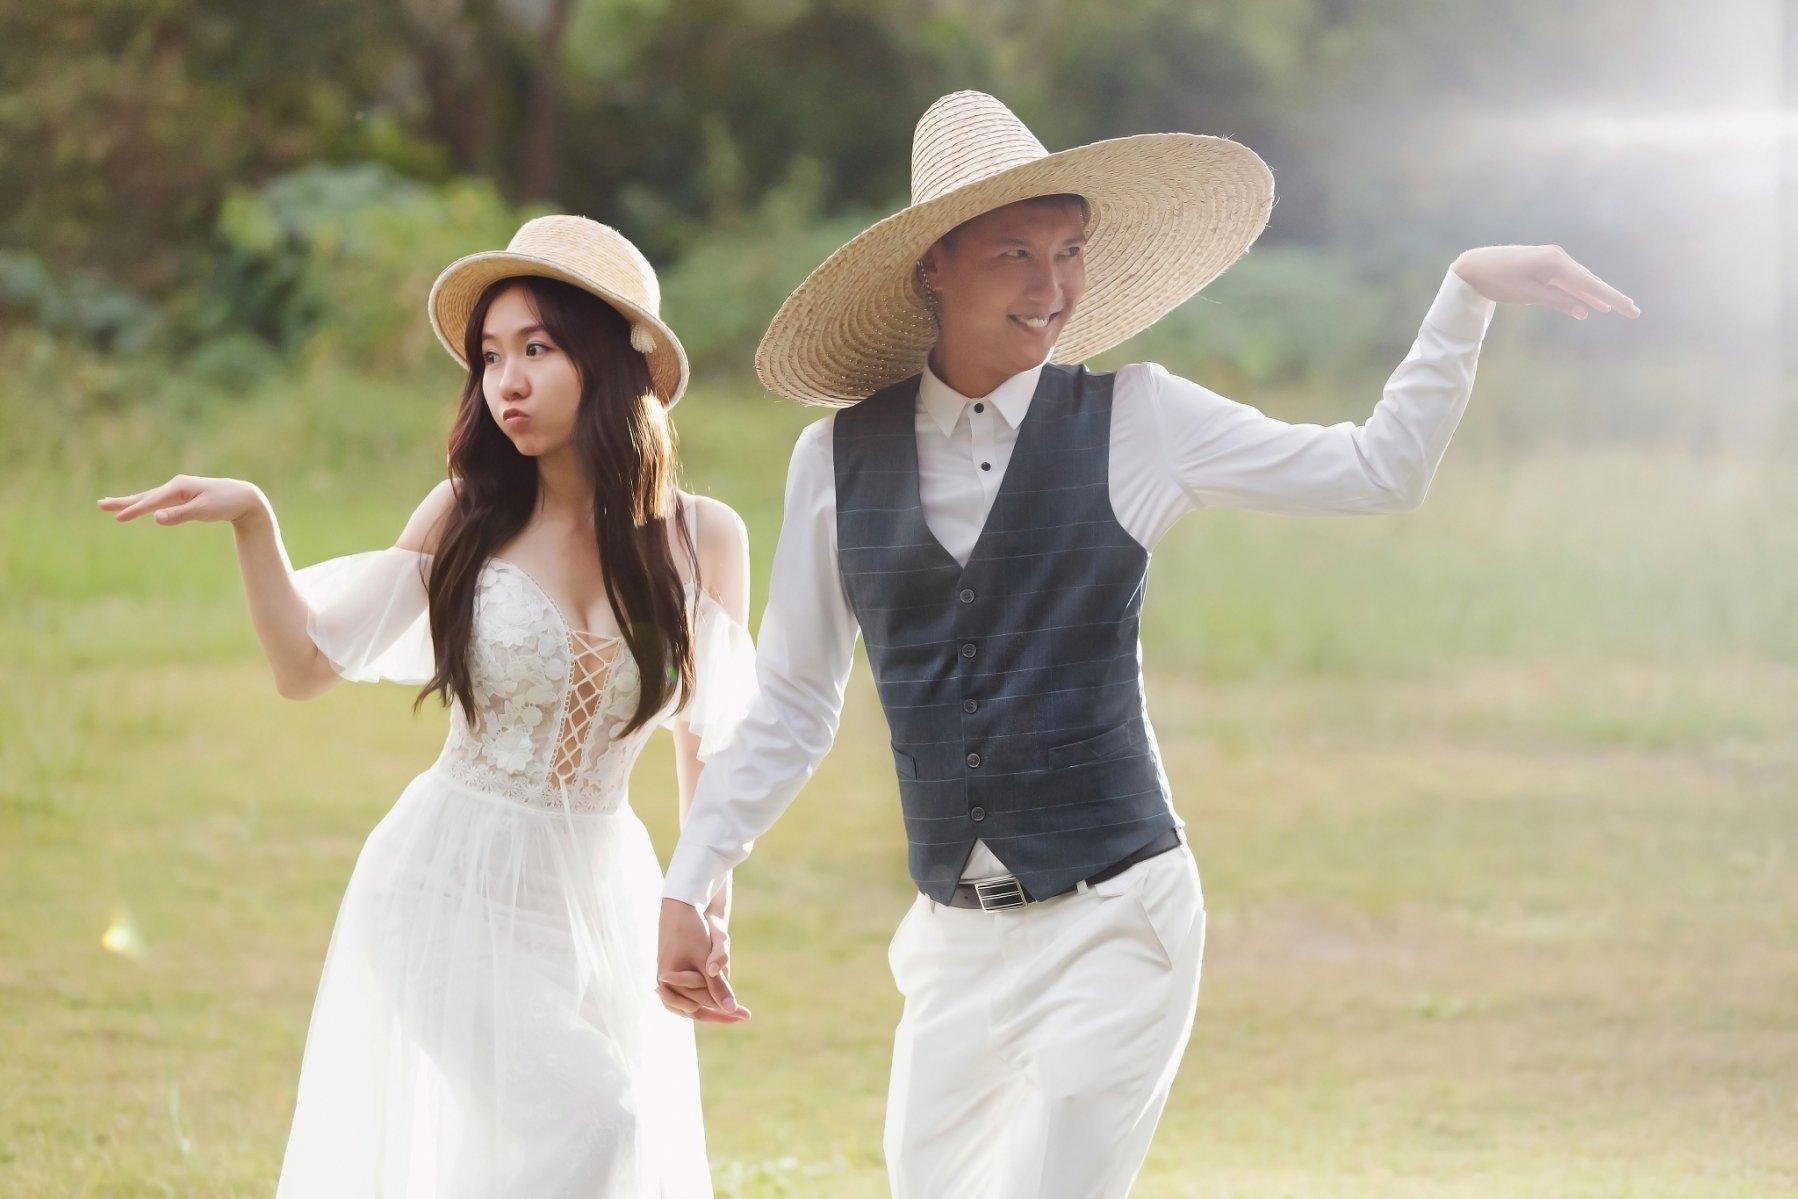 高雄台南大自然草地婚紗照,高雄婚紗工作室,婚紗攝影